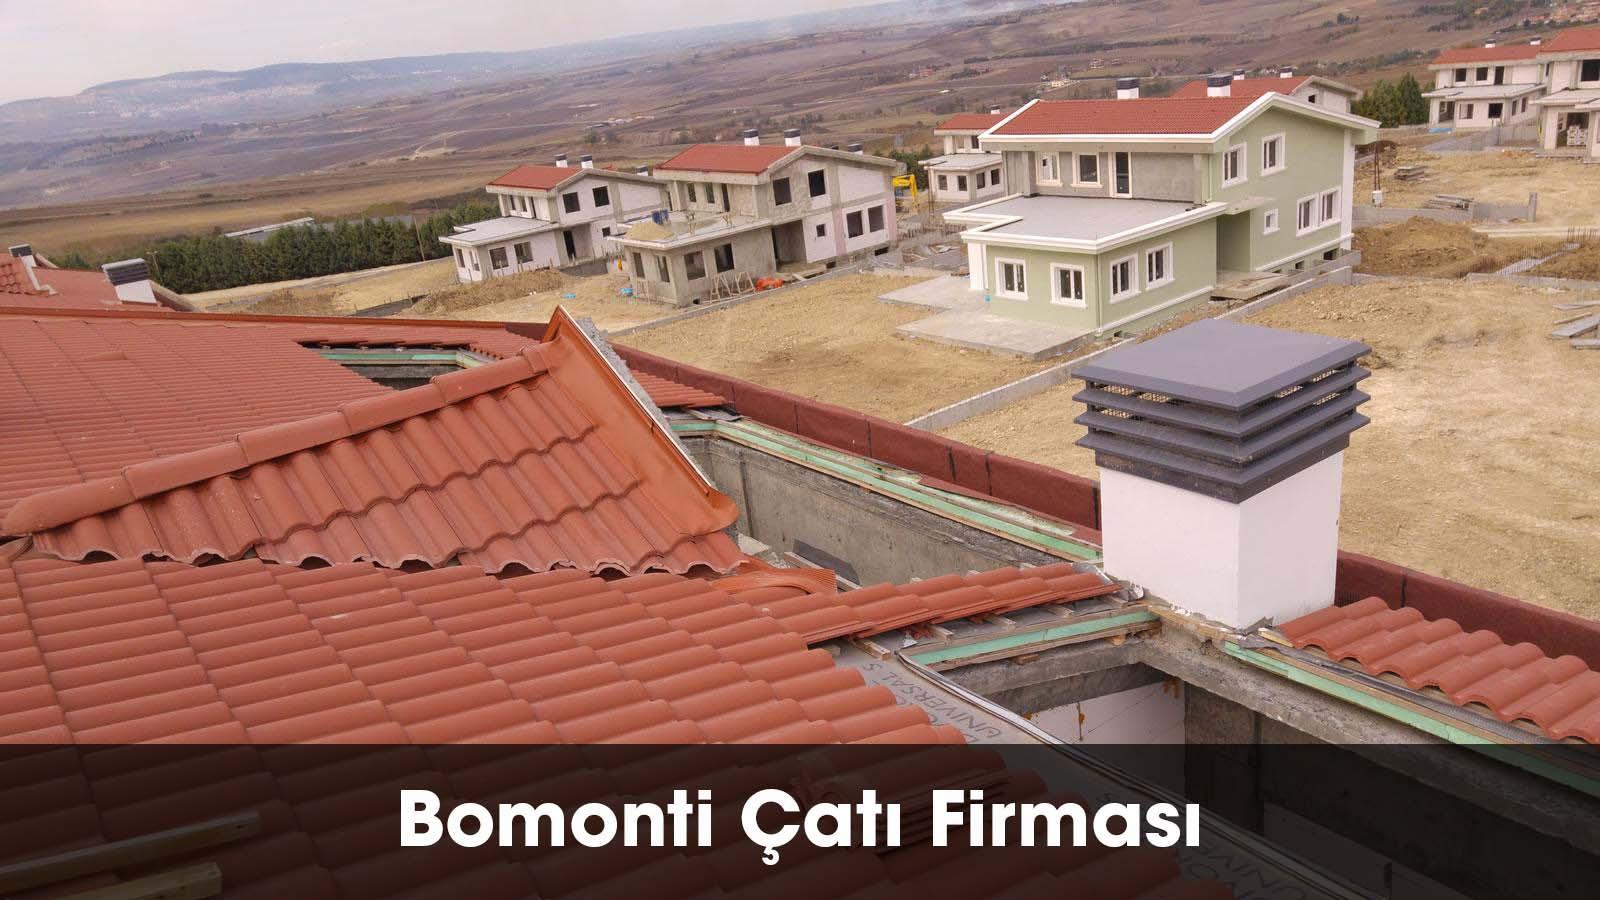 Bomonti çatı firması